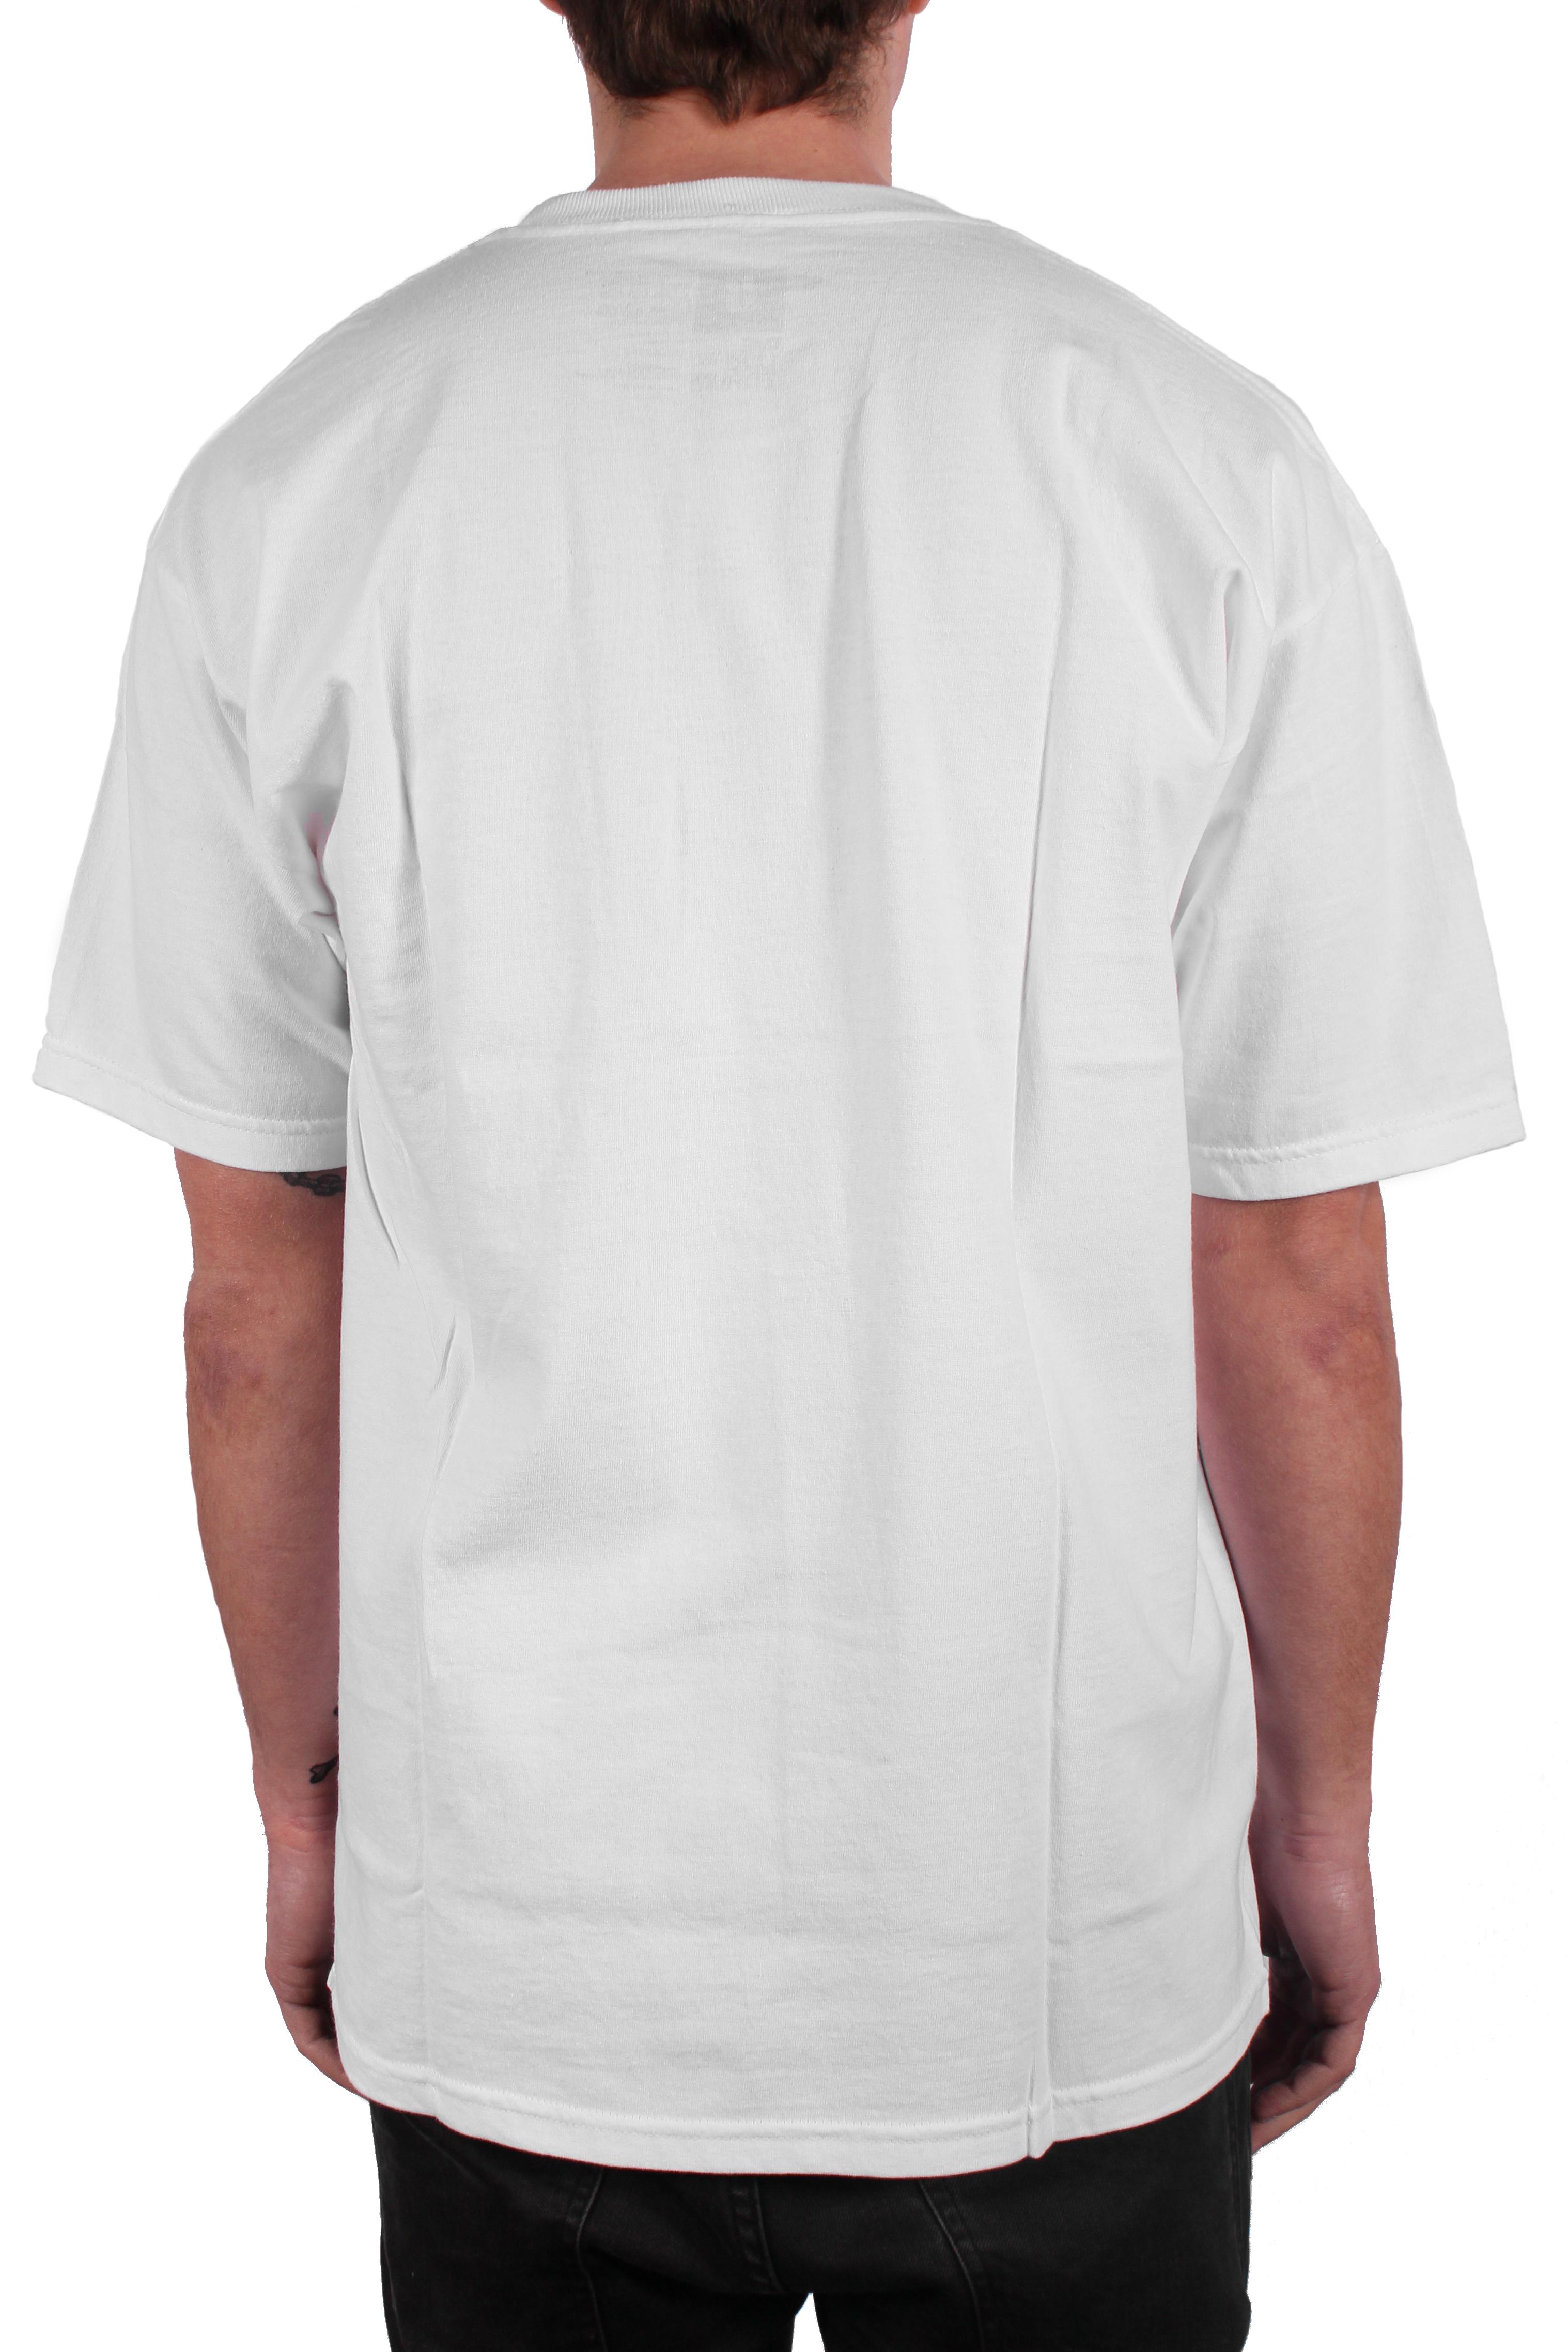 Koszulka Foursquare Classic Stack (White)